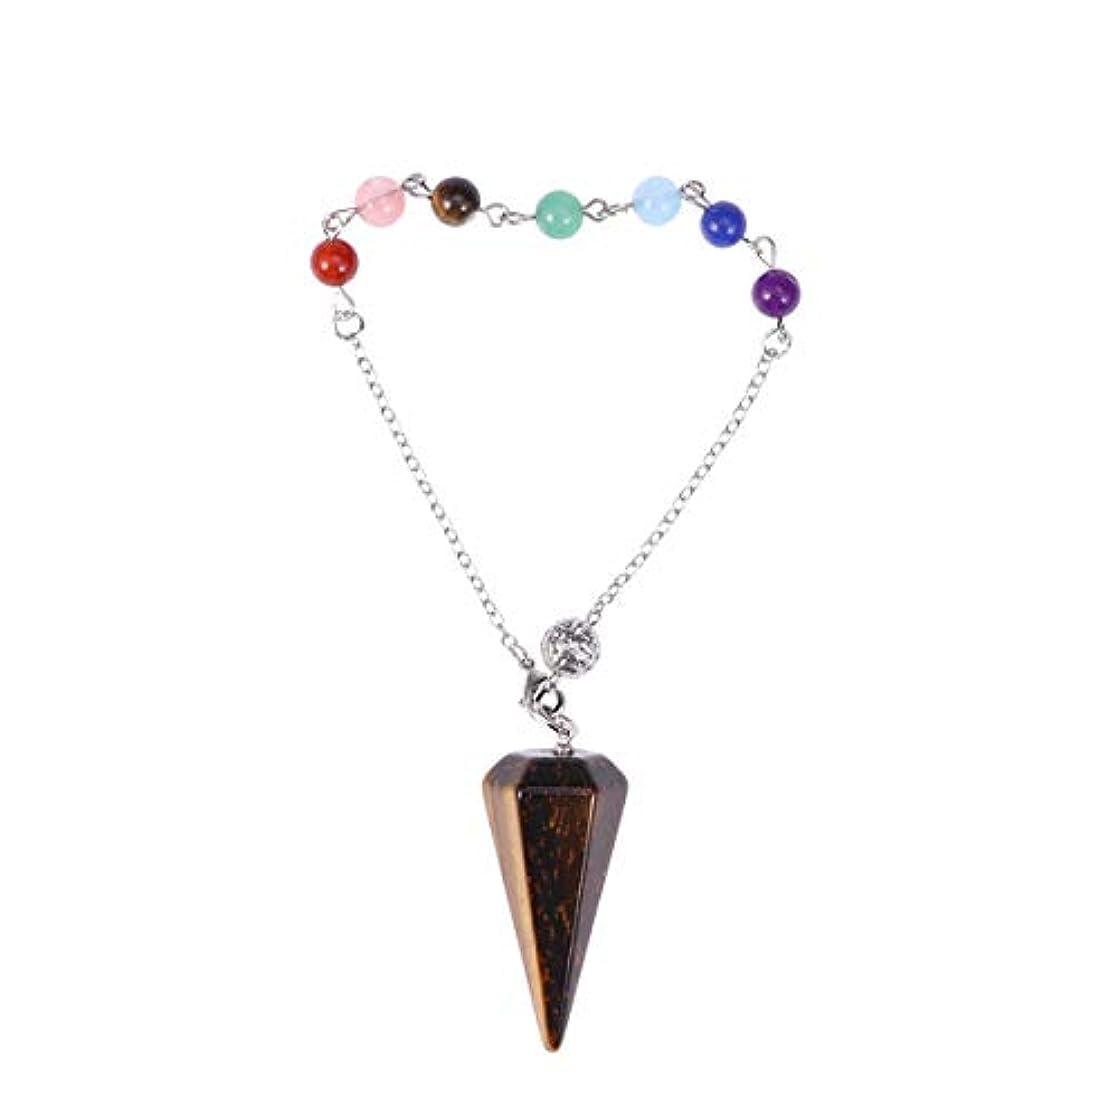 アーティキュレーション固める微視的Healifty クリスタル六角形のペンダントチャクラチェーンペンダント(タイガーアイ宝石)